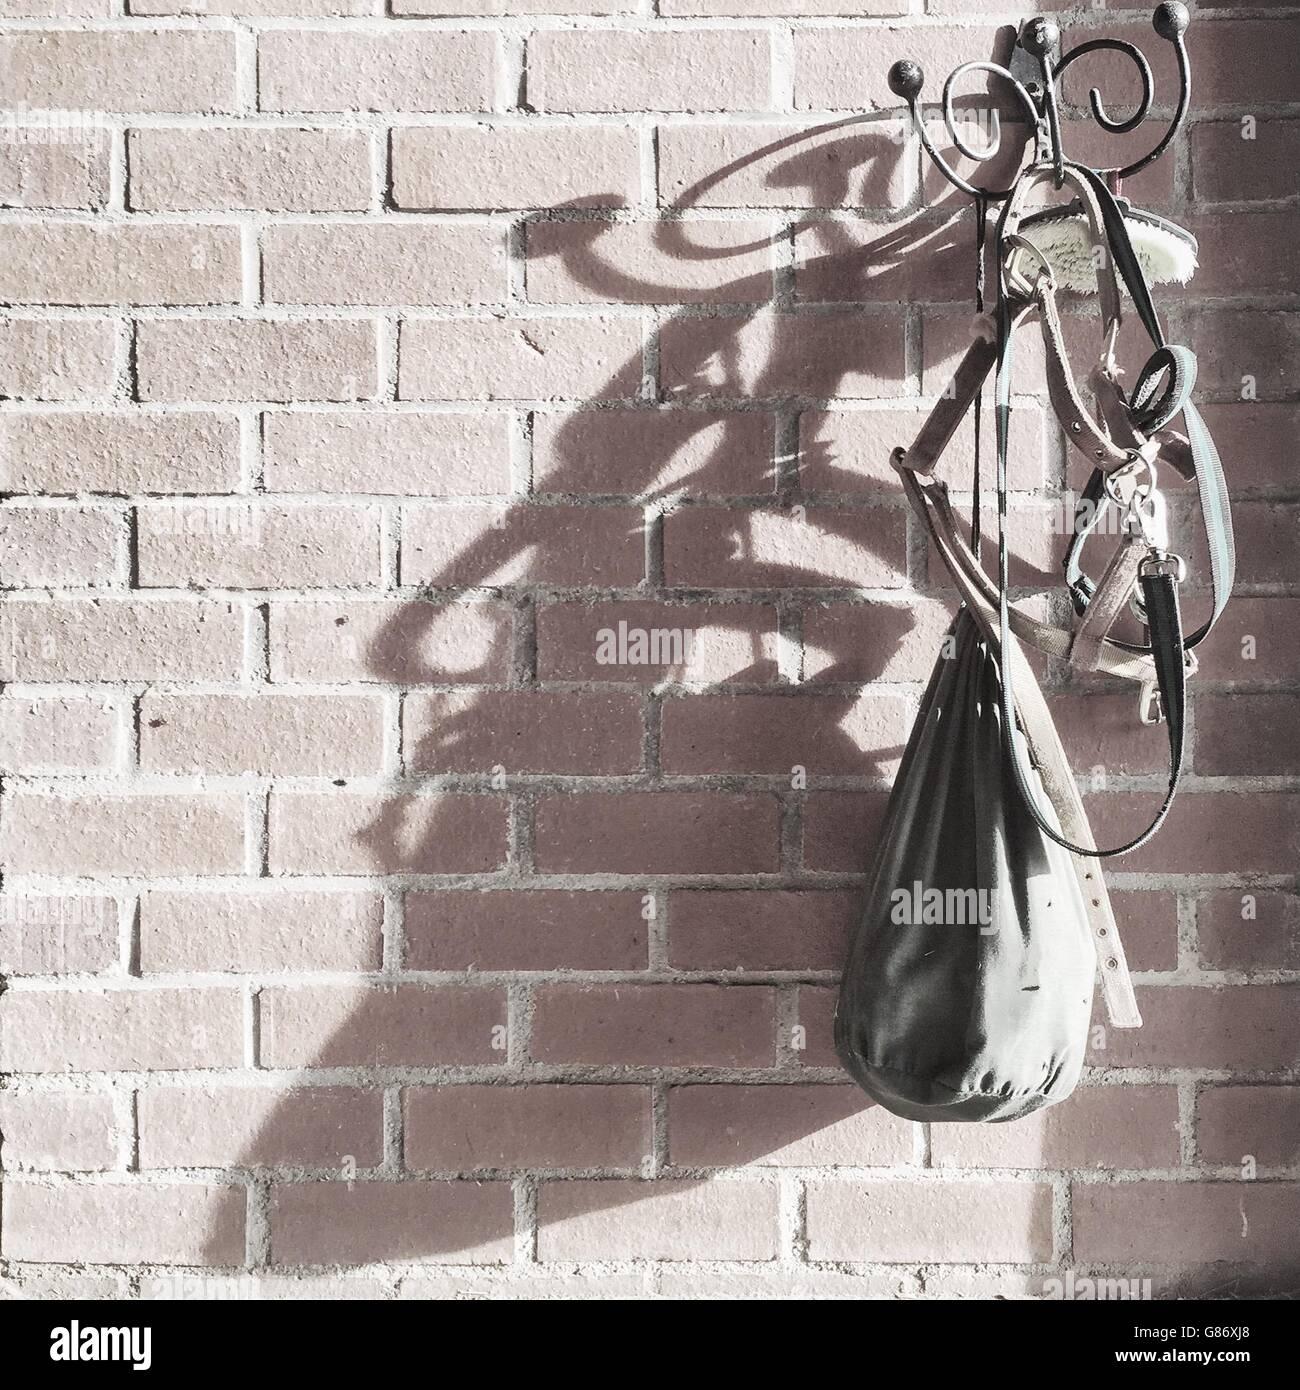 l'équitation bride, le pinceau et sur sac crochet sur mur de brique